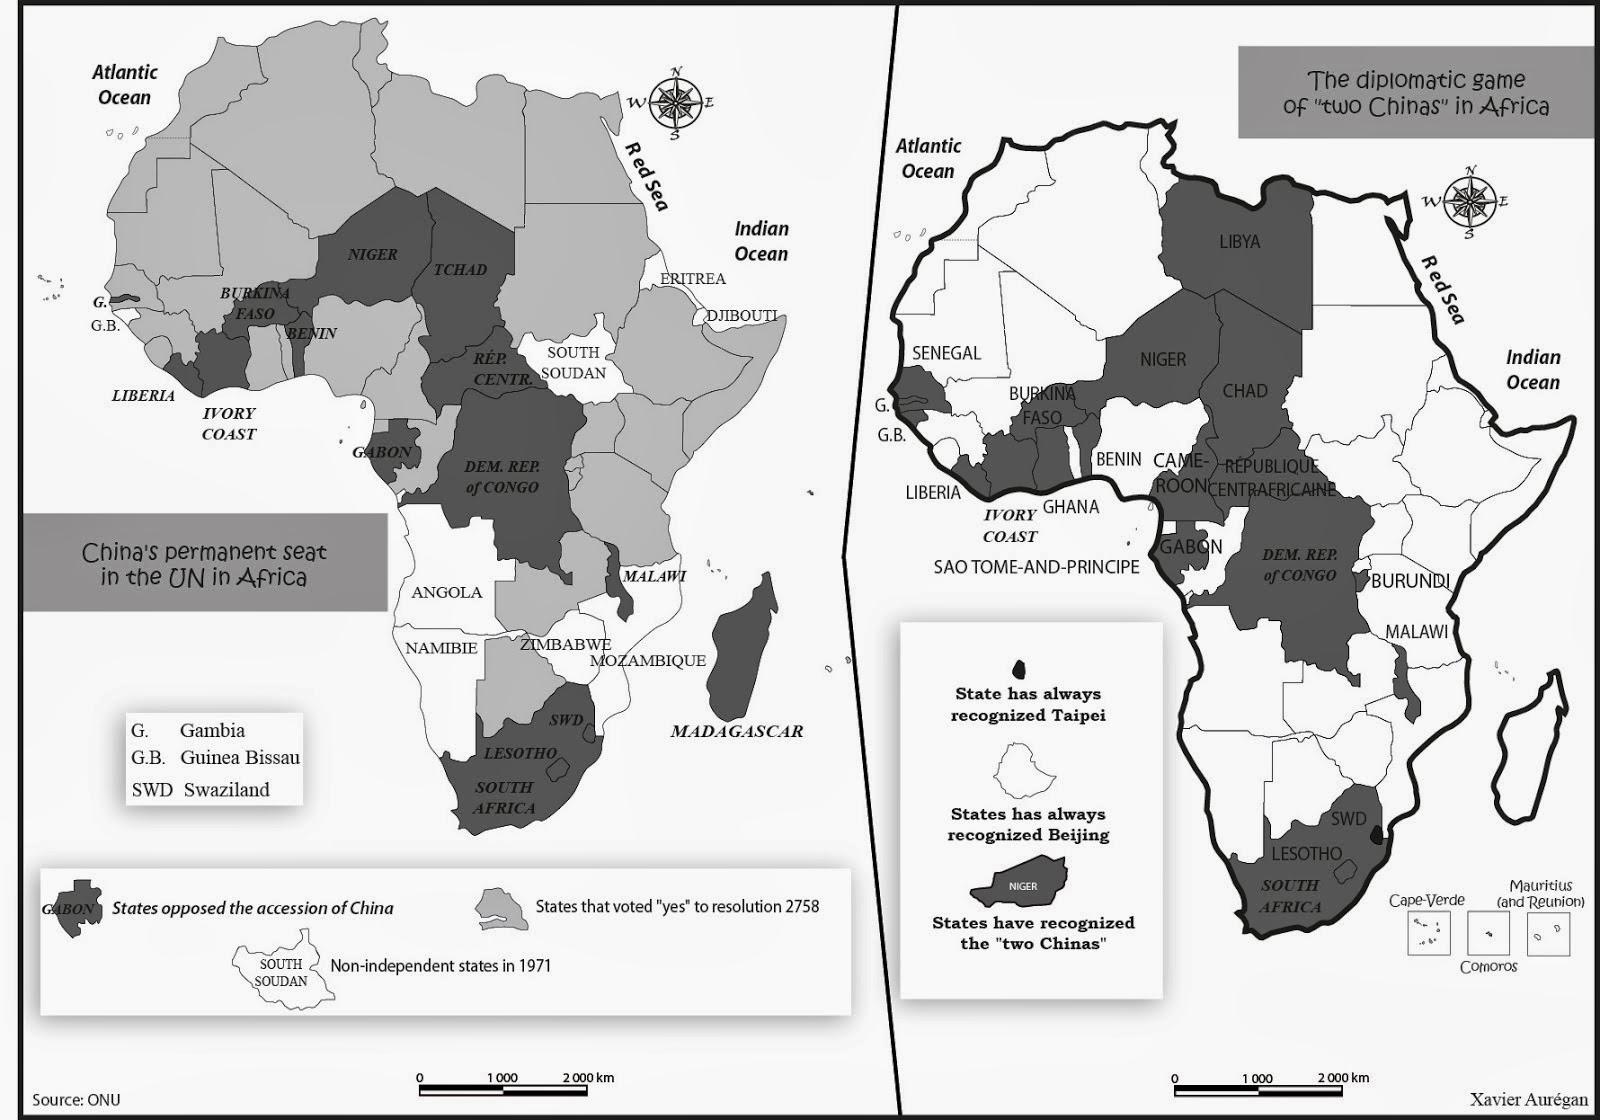 Le jeu des 2 Chines en Afrique